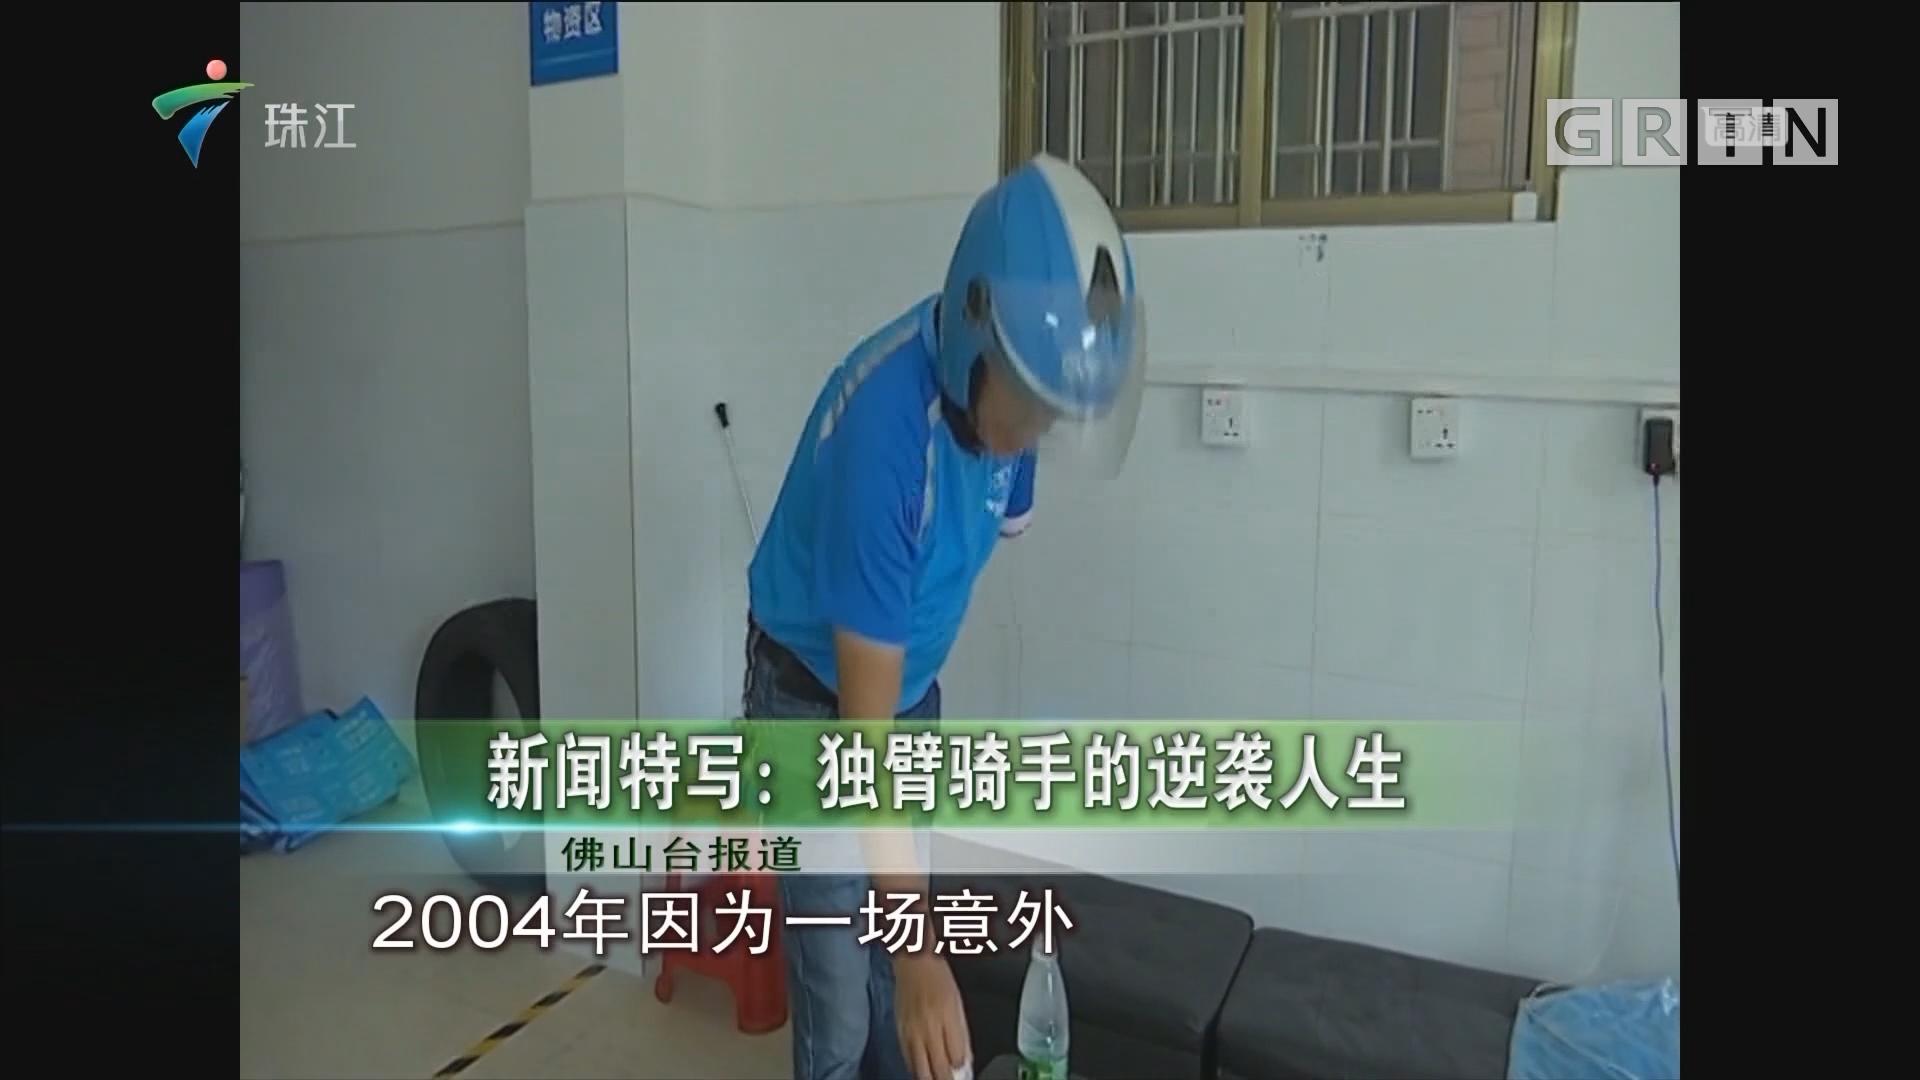 新闻特写:独臂骑手的逆袭人生